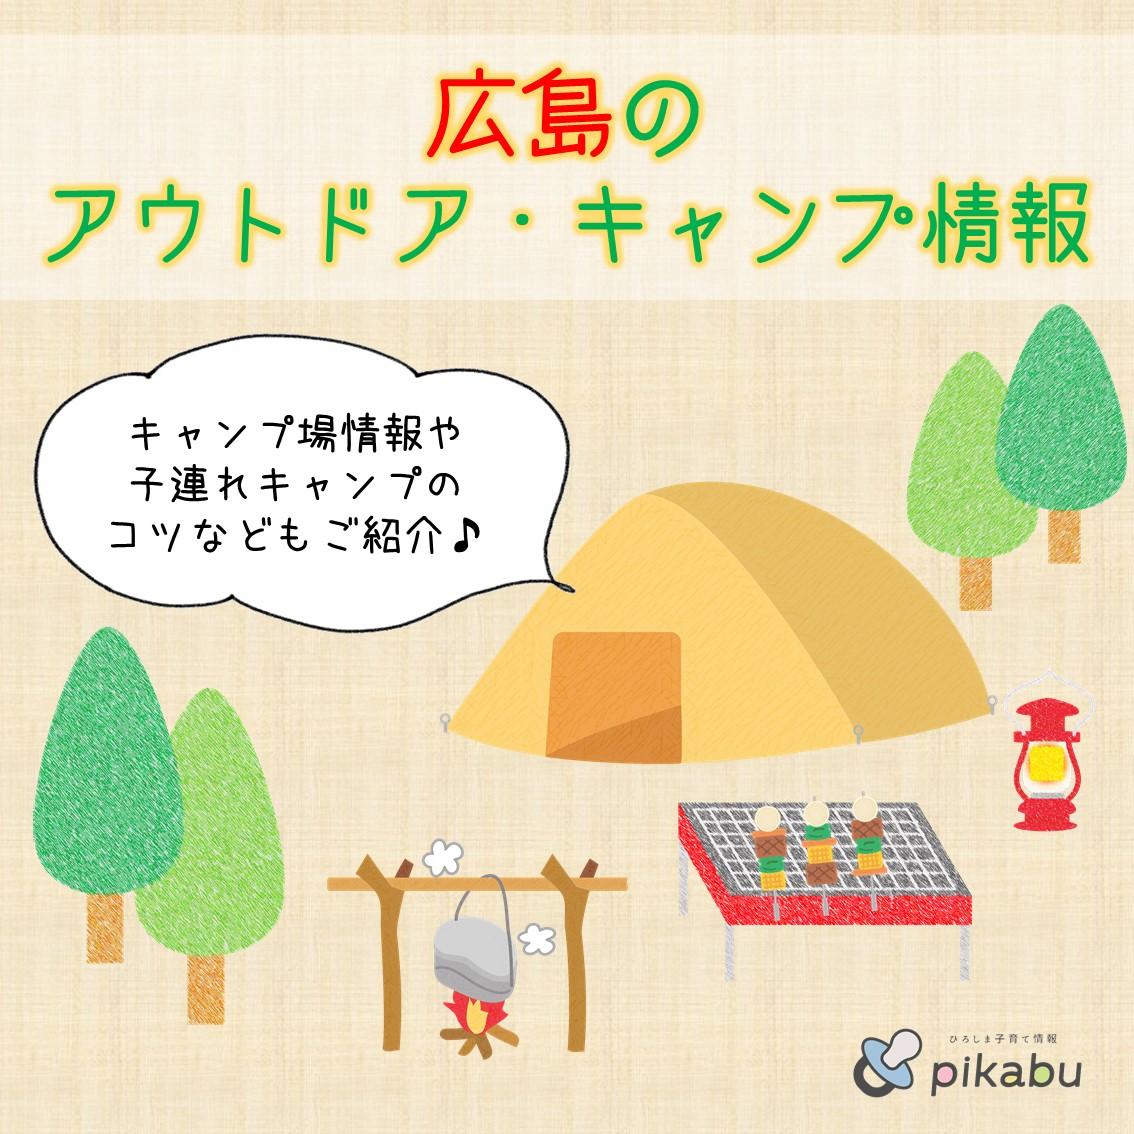 広島のアウトドア・キャンプ情報